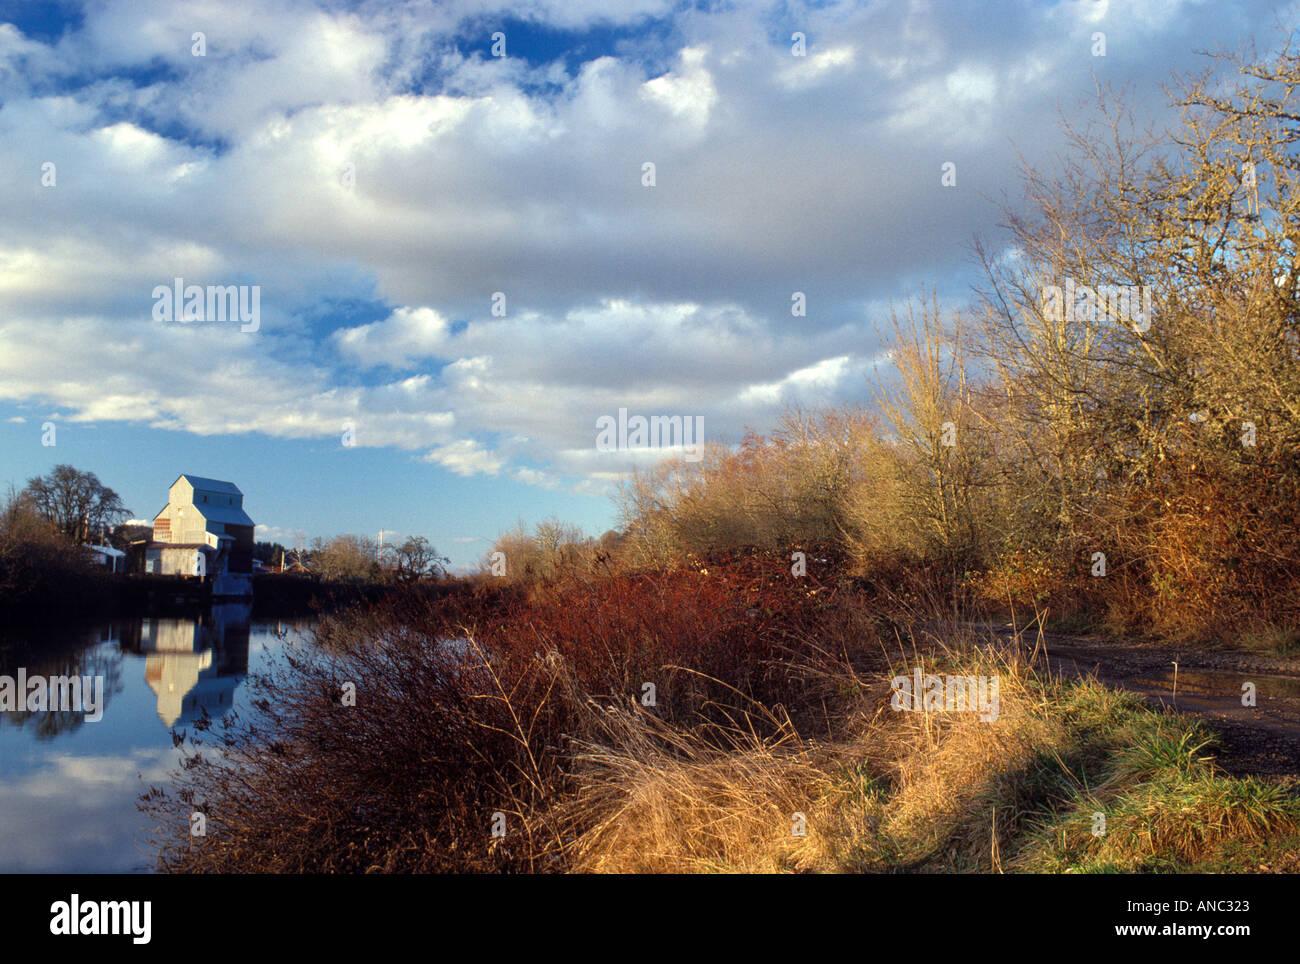 F00048 Tiff Kompf Getreidemühle mit Wolken und Reflexion im Longtom Rover Oregon Stockbild